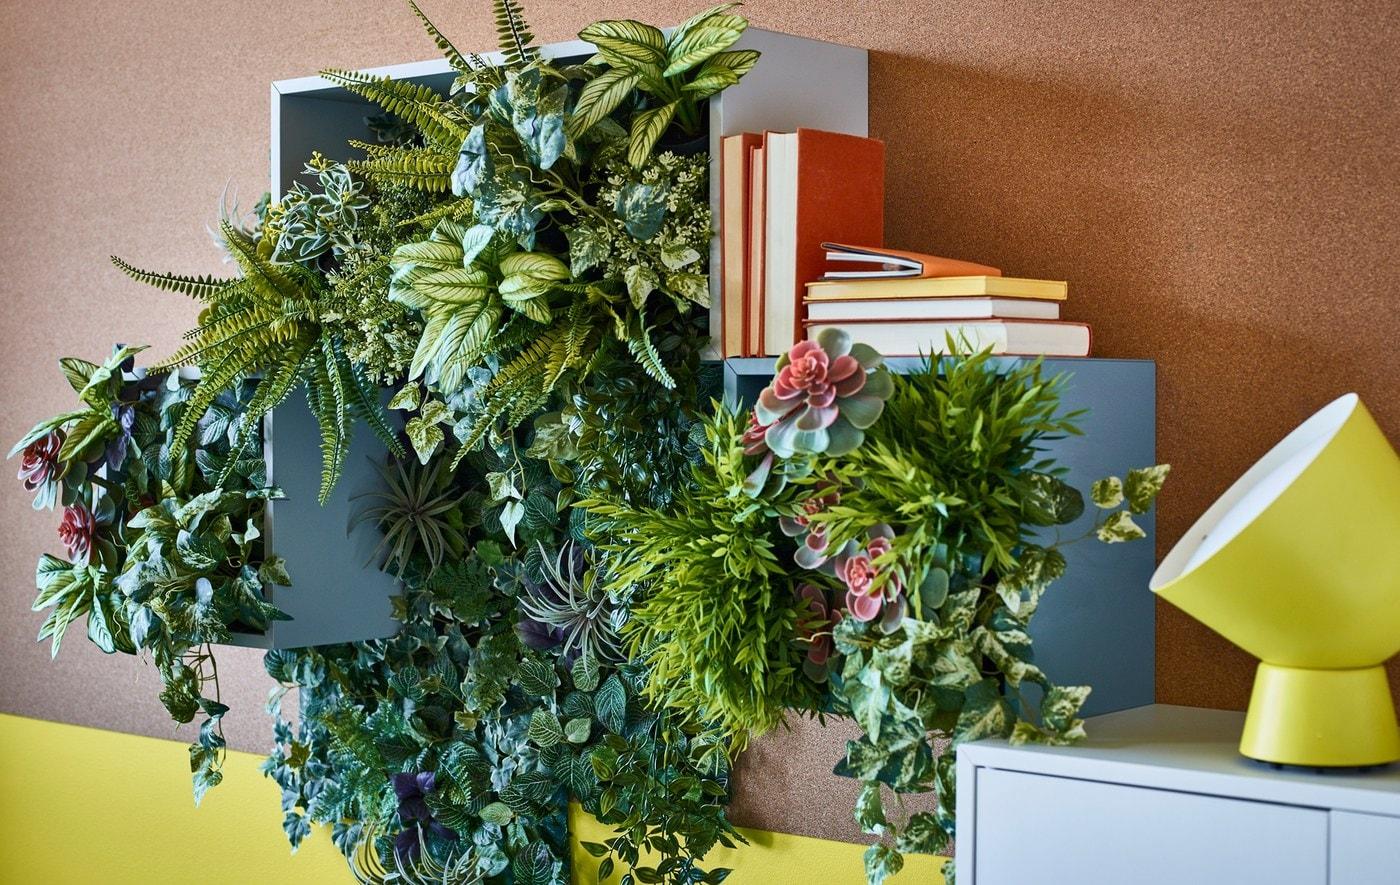 Plantas verdes artificiales en maceteros usadas para crear decoración de pared en cajas de almacenaje abierto.